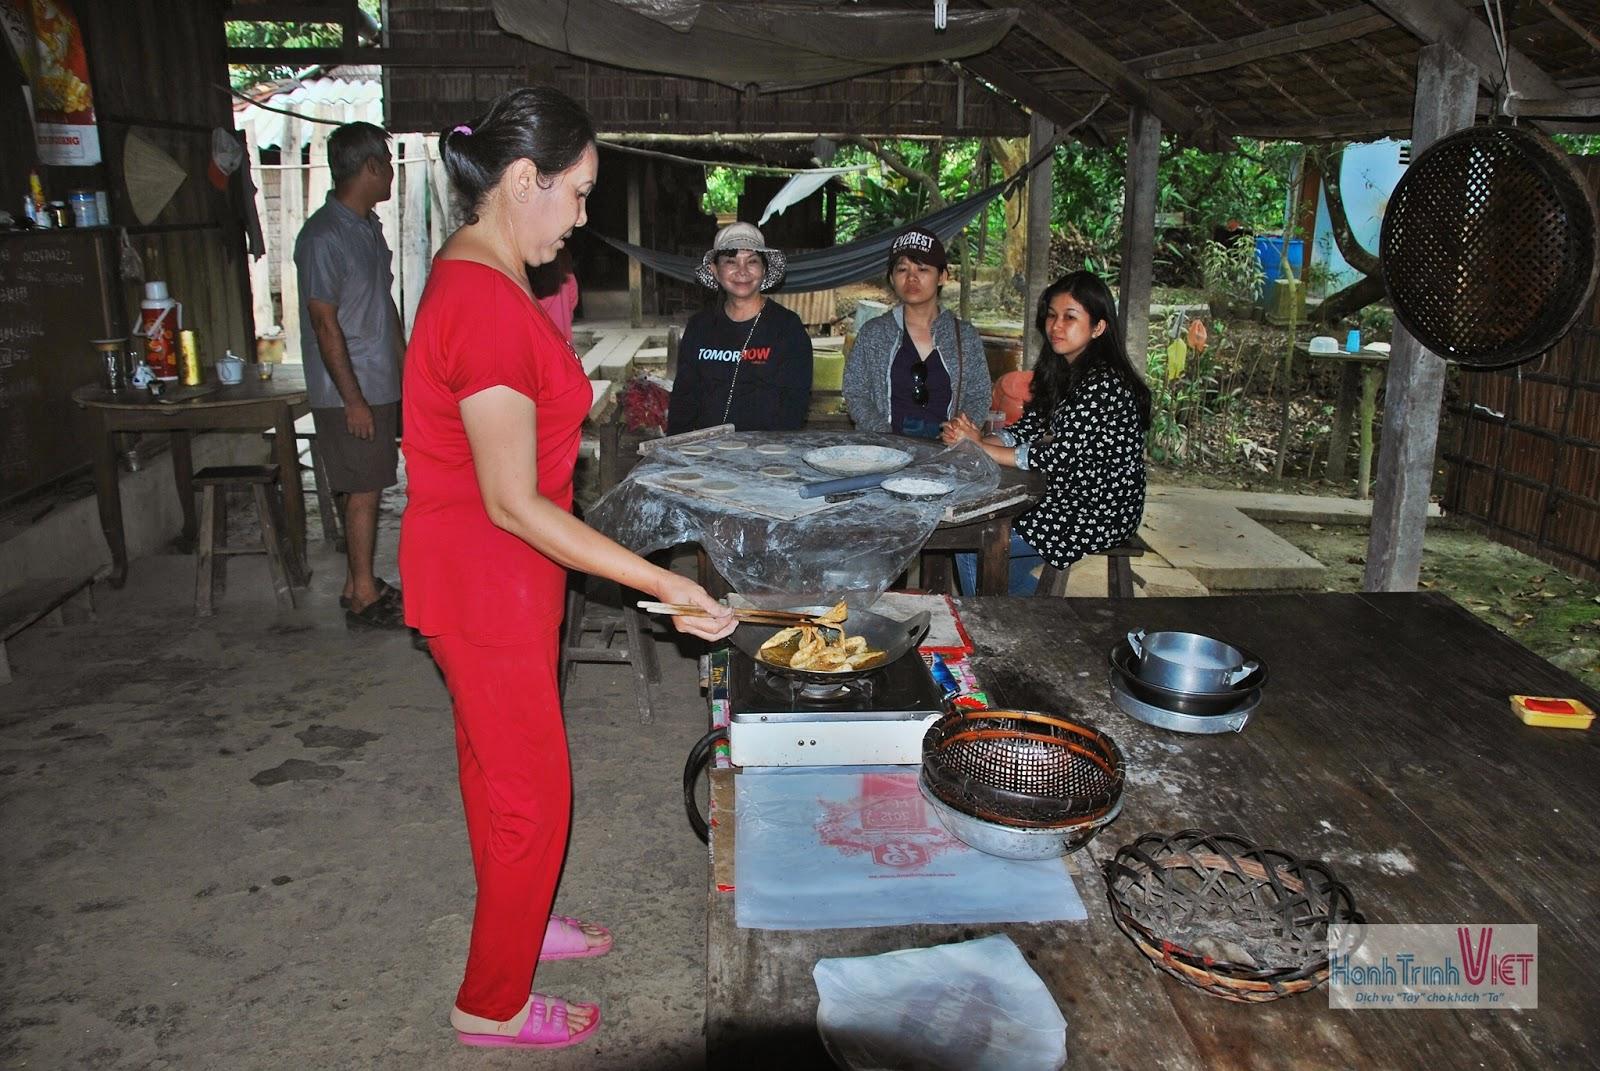 Bà chủ đang trực tiếp chiên bánh Tiêu cho khách xem sau đó thưởng thức món bánh mới ra lò nóng hổi